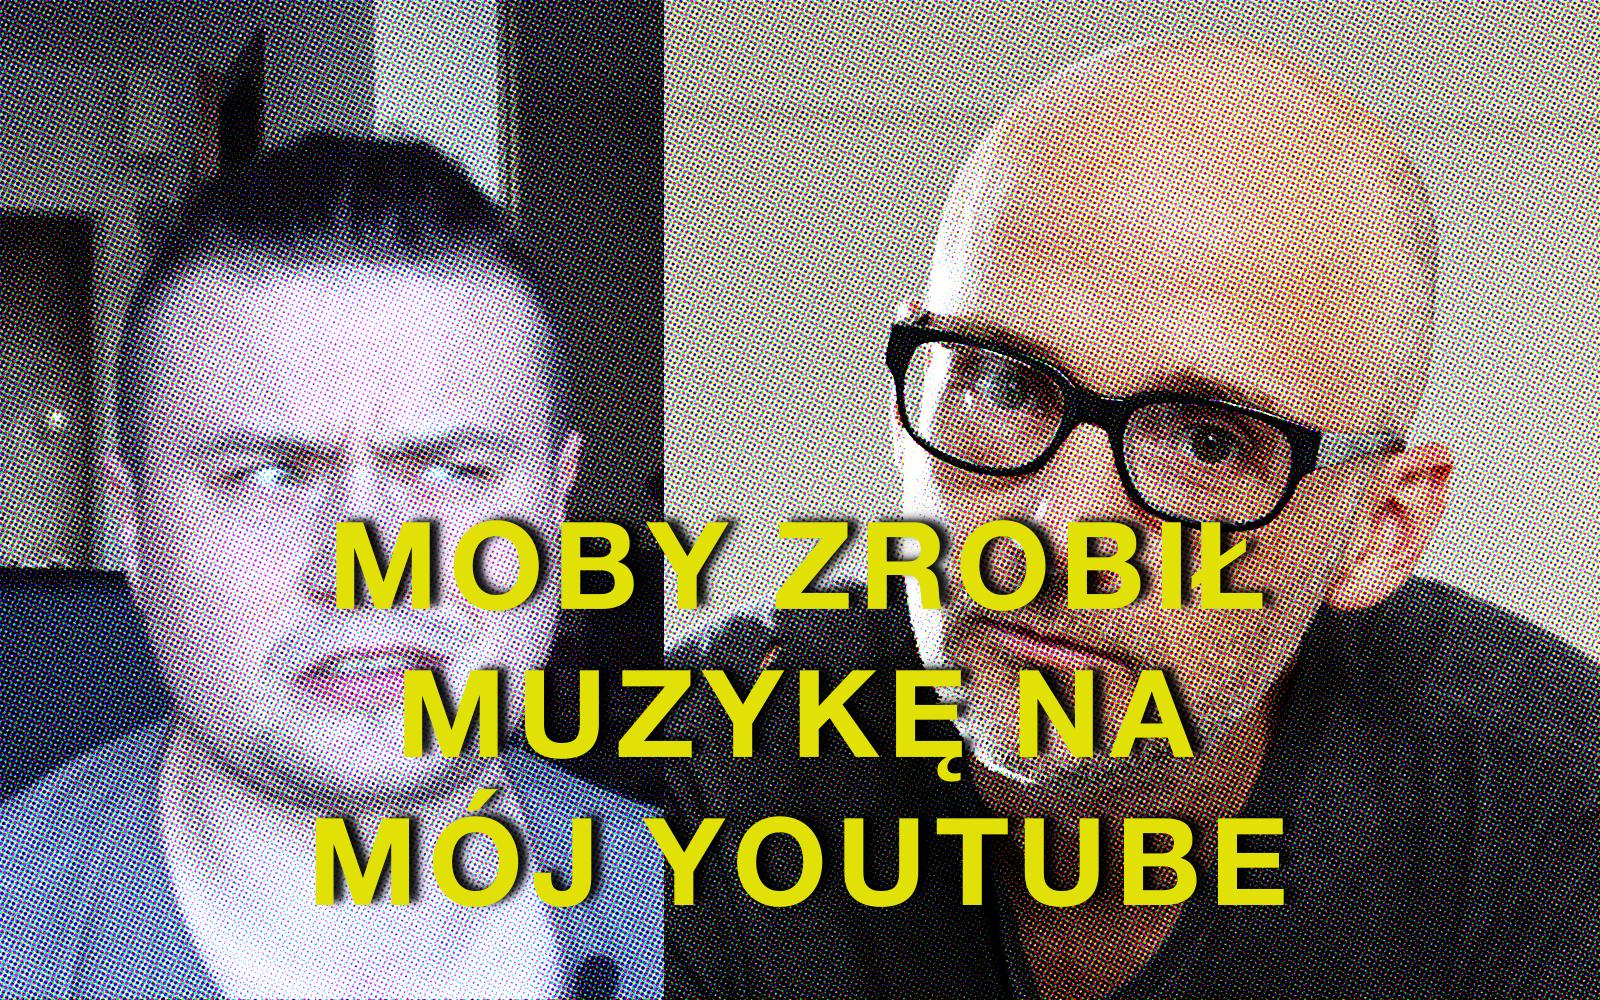 Moby zrobił muzykę do moich filmów na YouTube!